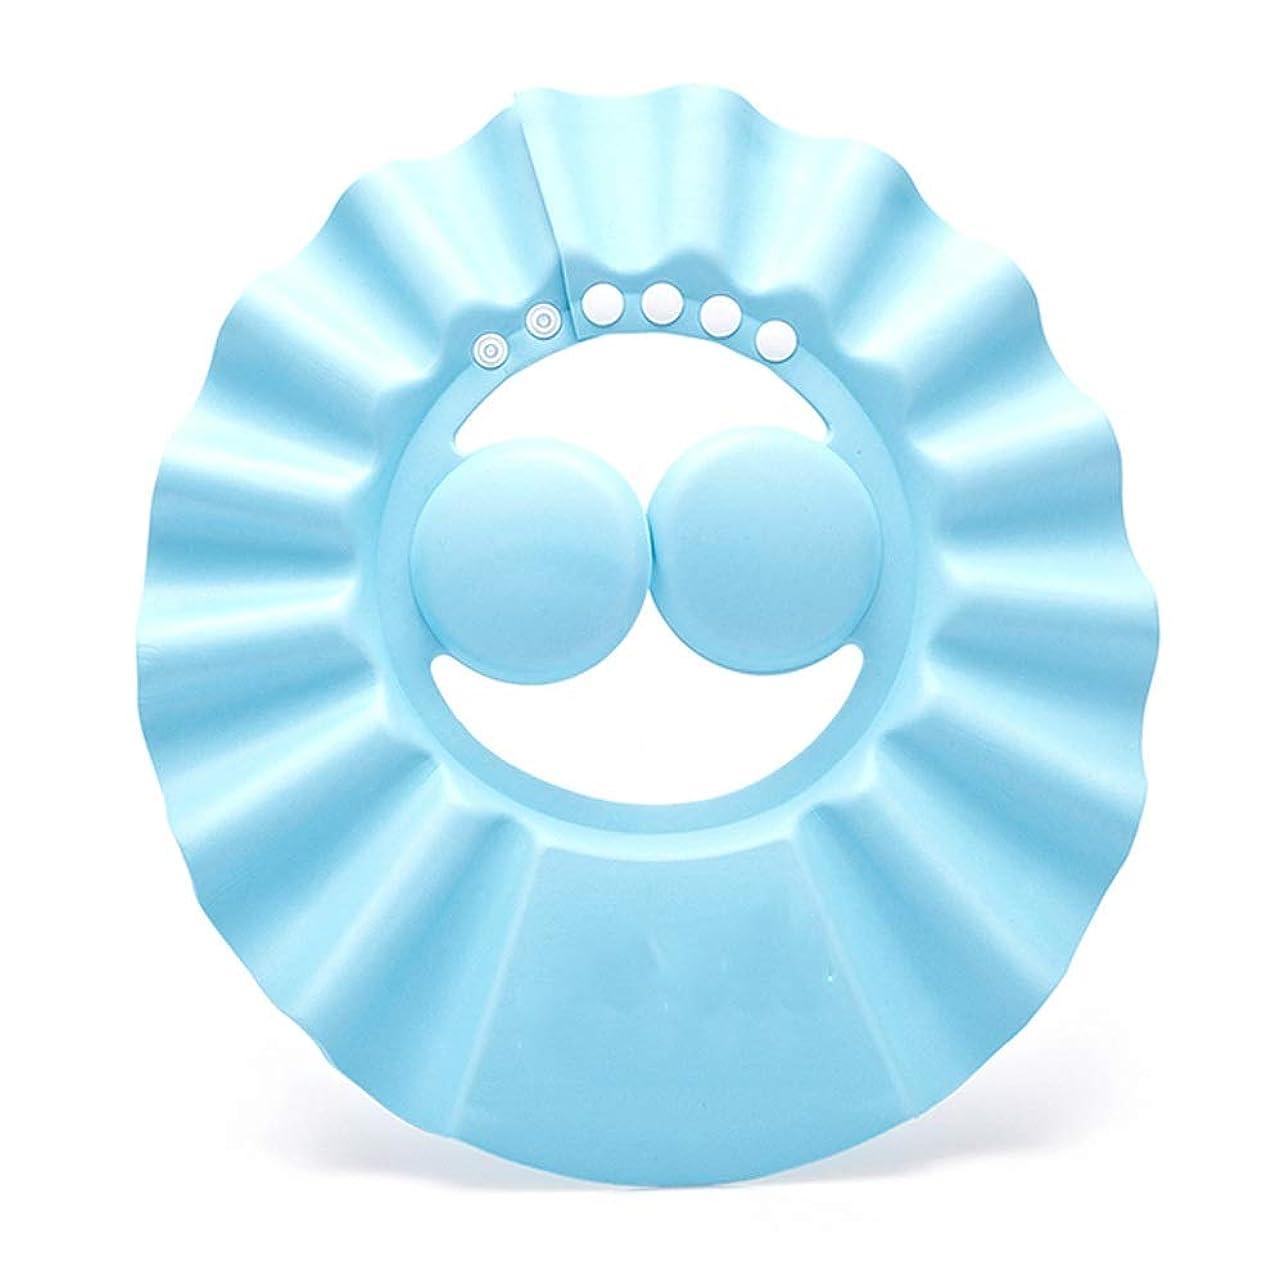 耐える思いやり浜辺Zhenxinshiyi ベビーパッド入り防水イヤープロテクターベビーシャンプーキャップ子供用シャワーキャップ調節可能なサイズ3色はEVA素材を選択できます安全で柔らかく快適です (Color : Blue)